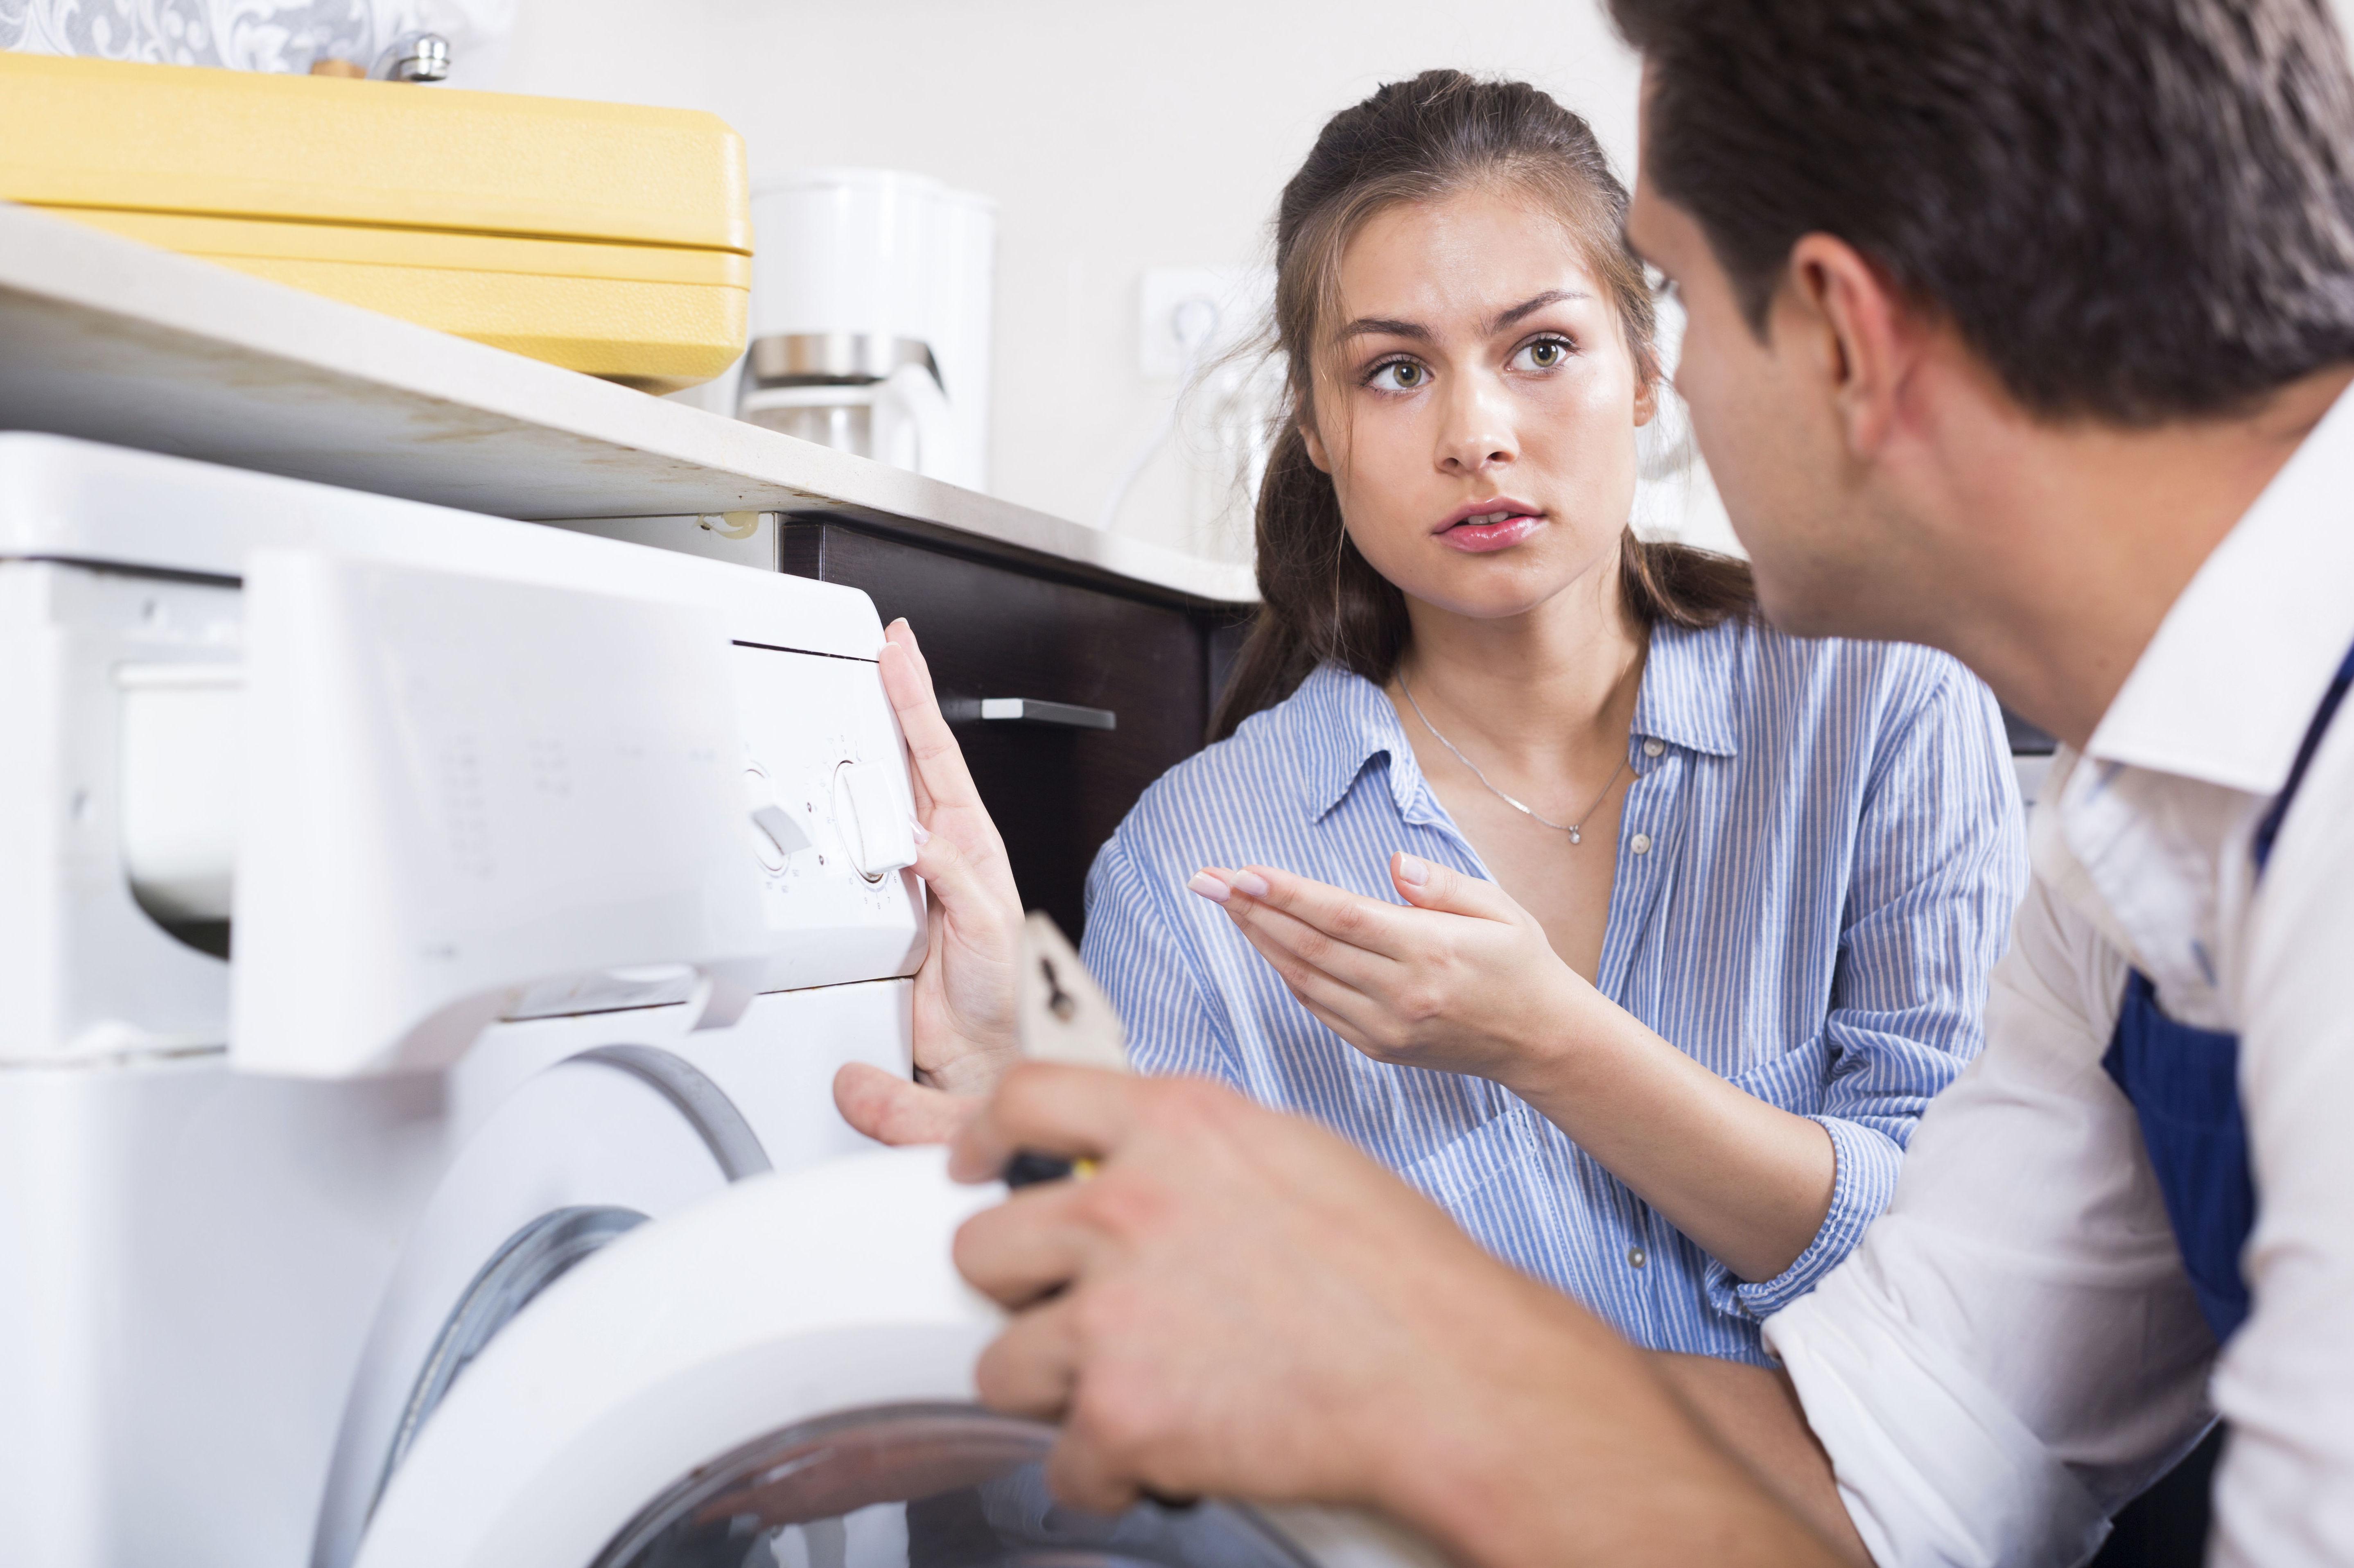 Reparación de lavadoras en Tenerife